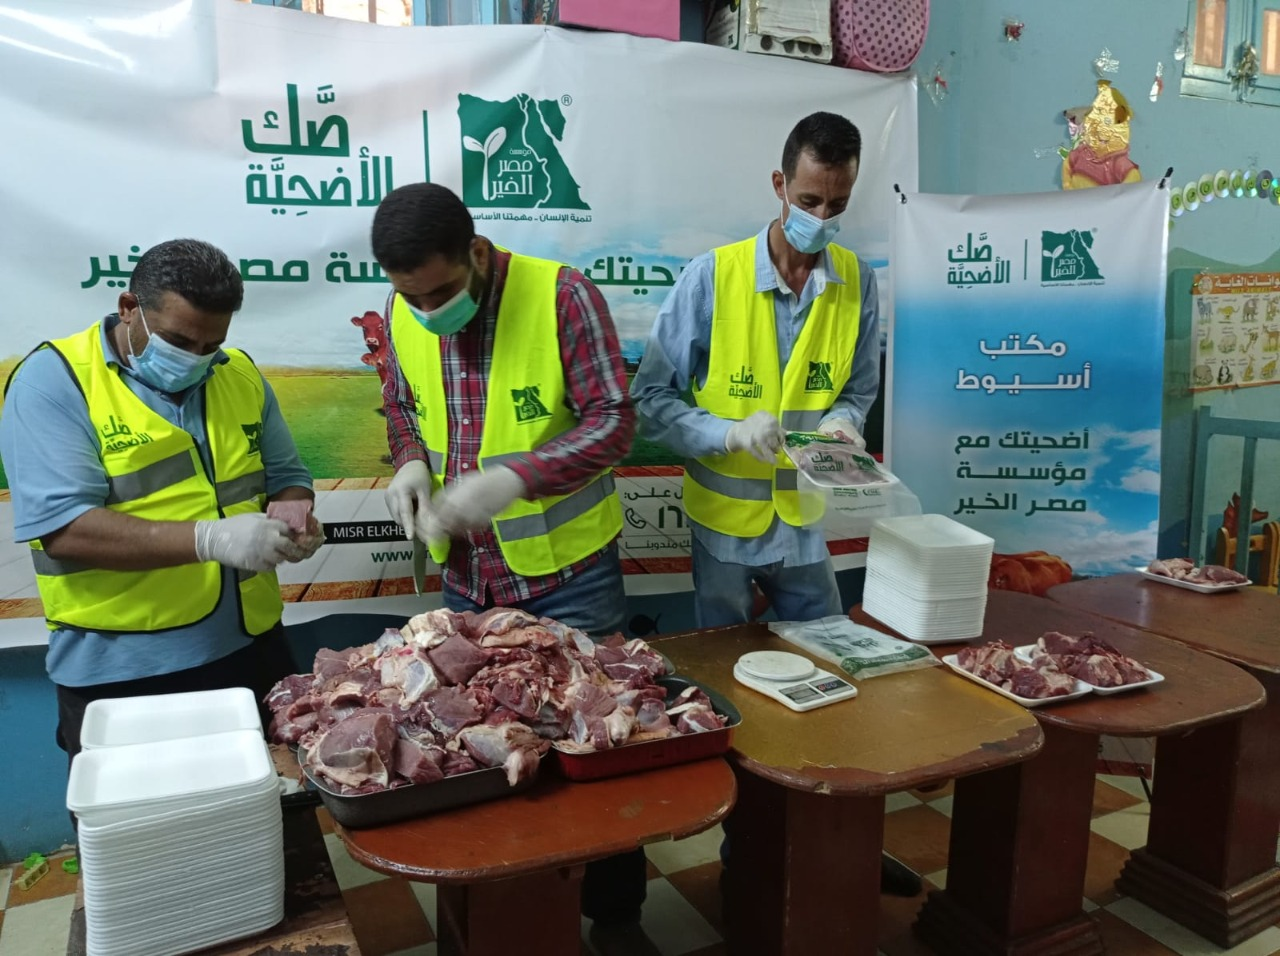 محافظ أسيوط: ذبح وتوزيع 203 عجل من خلال مؤسسة مصر الخير على الاسر الاكثر احتياجاً